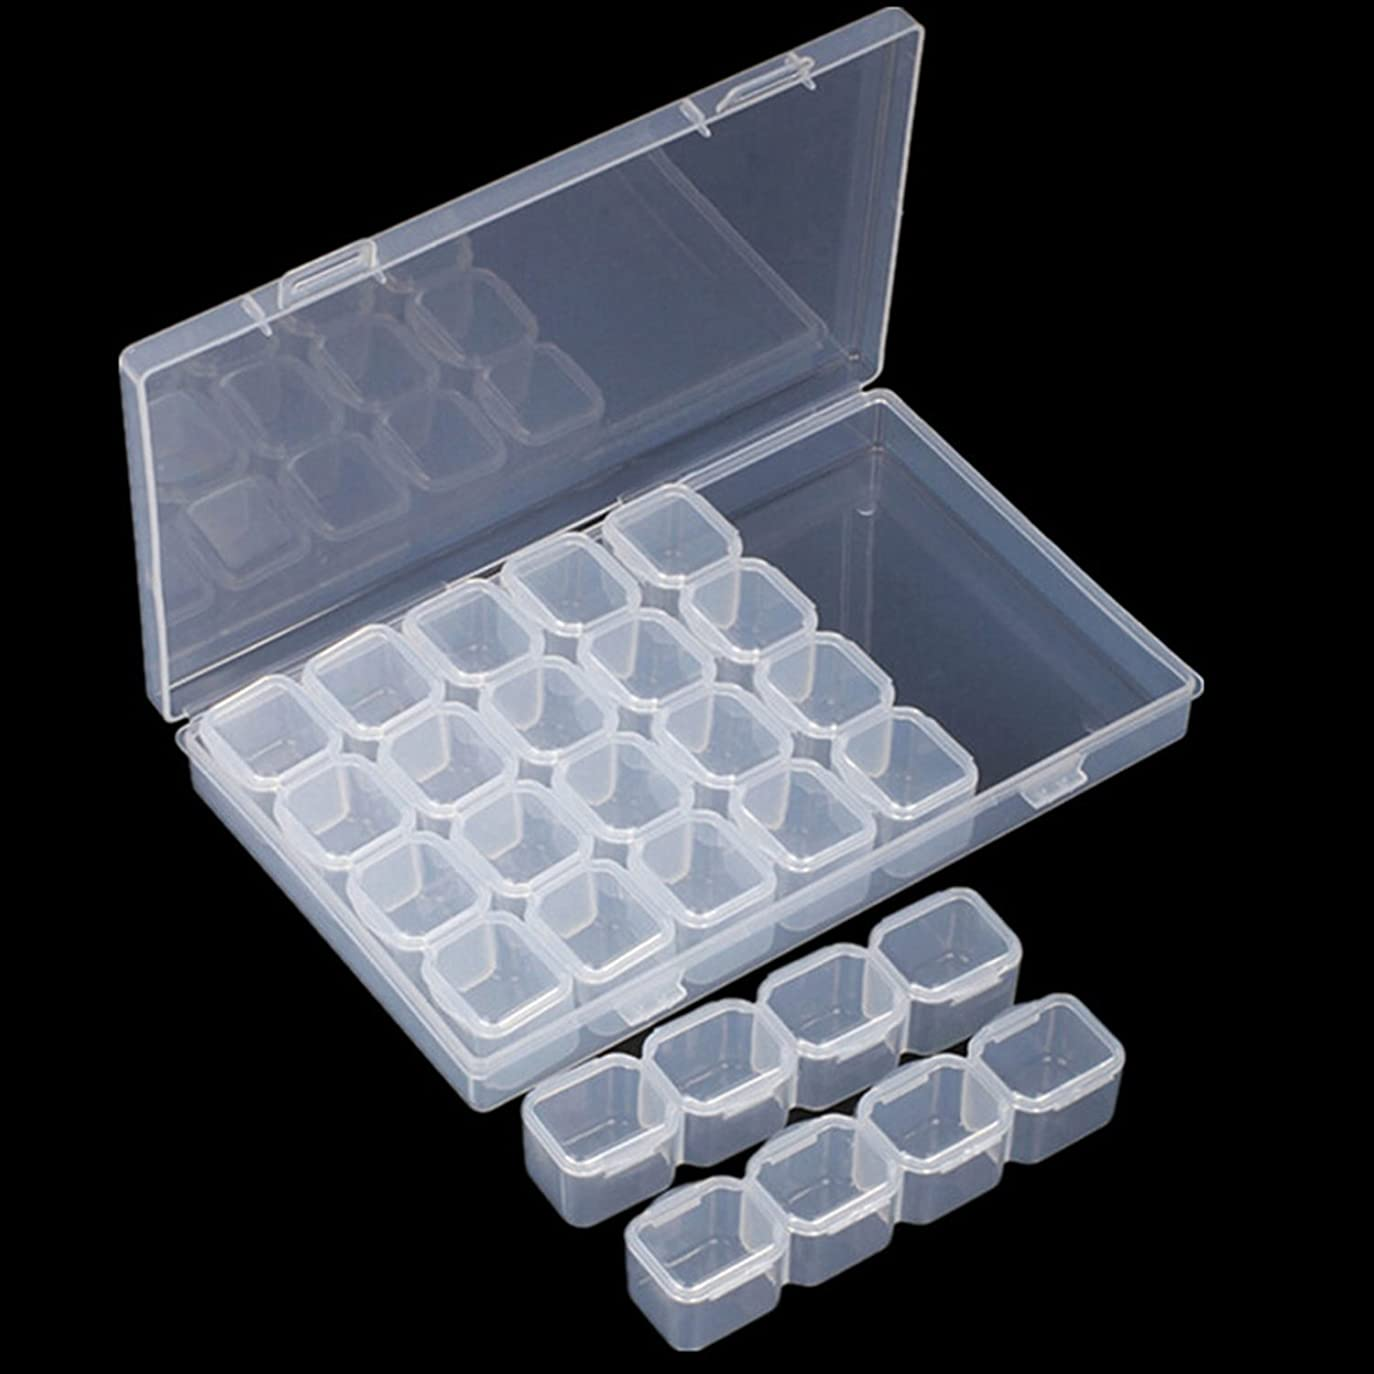 インレイほめる食欲Nrpfell ネイル28ラティスジュエリーボックス組み立てることができる解体ボックスネイル装飾ガジェット合金ダイヤモンドの装飾品のボックス